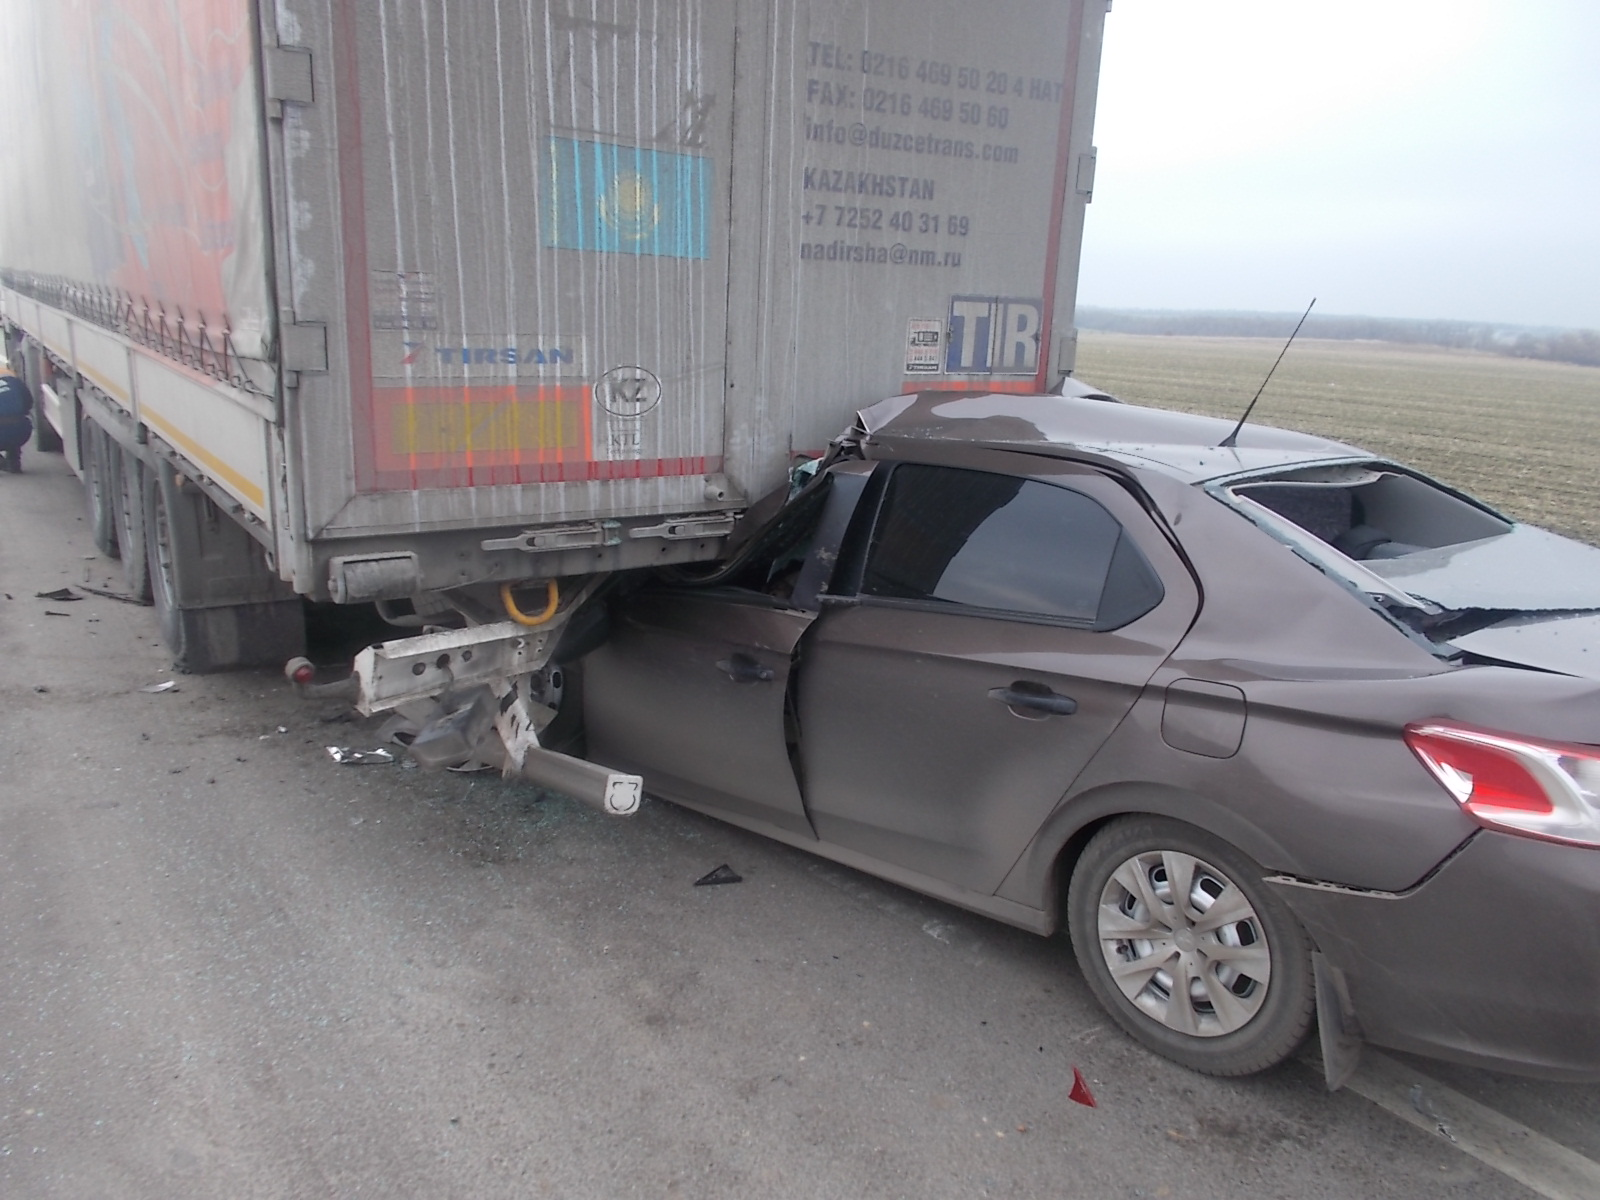 Натрассе М-4 «Дон» иностранная машина врезалась в фургон: погибли два человека